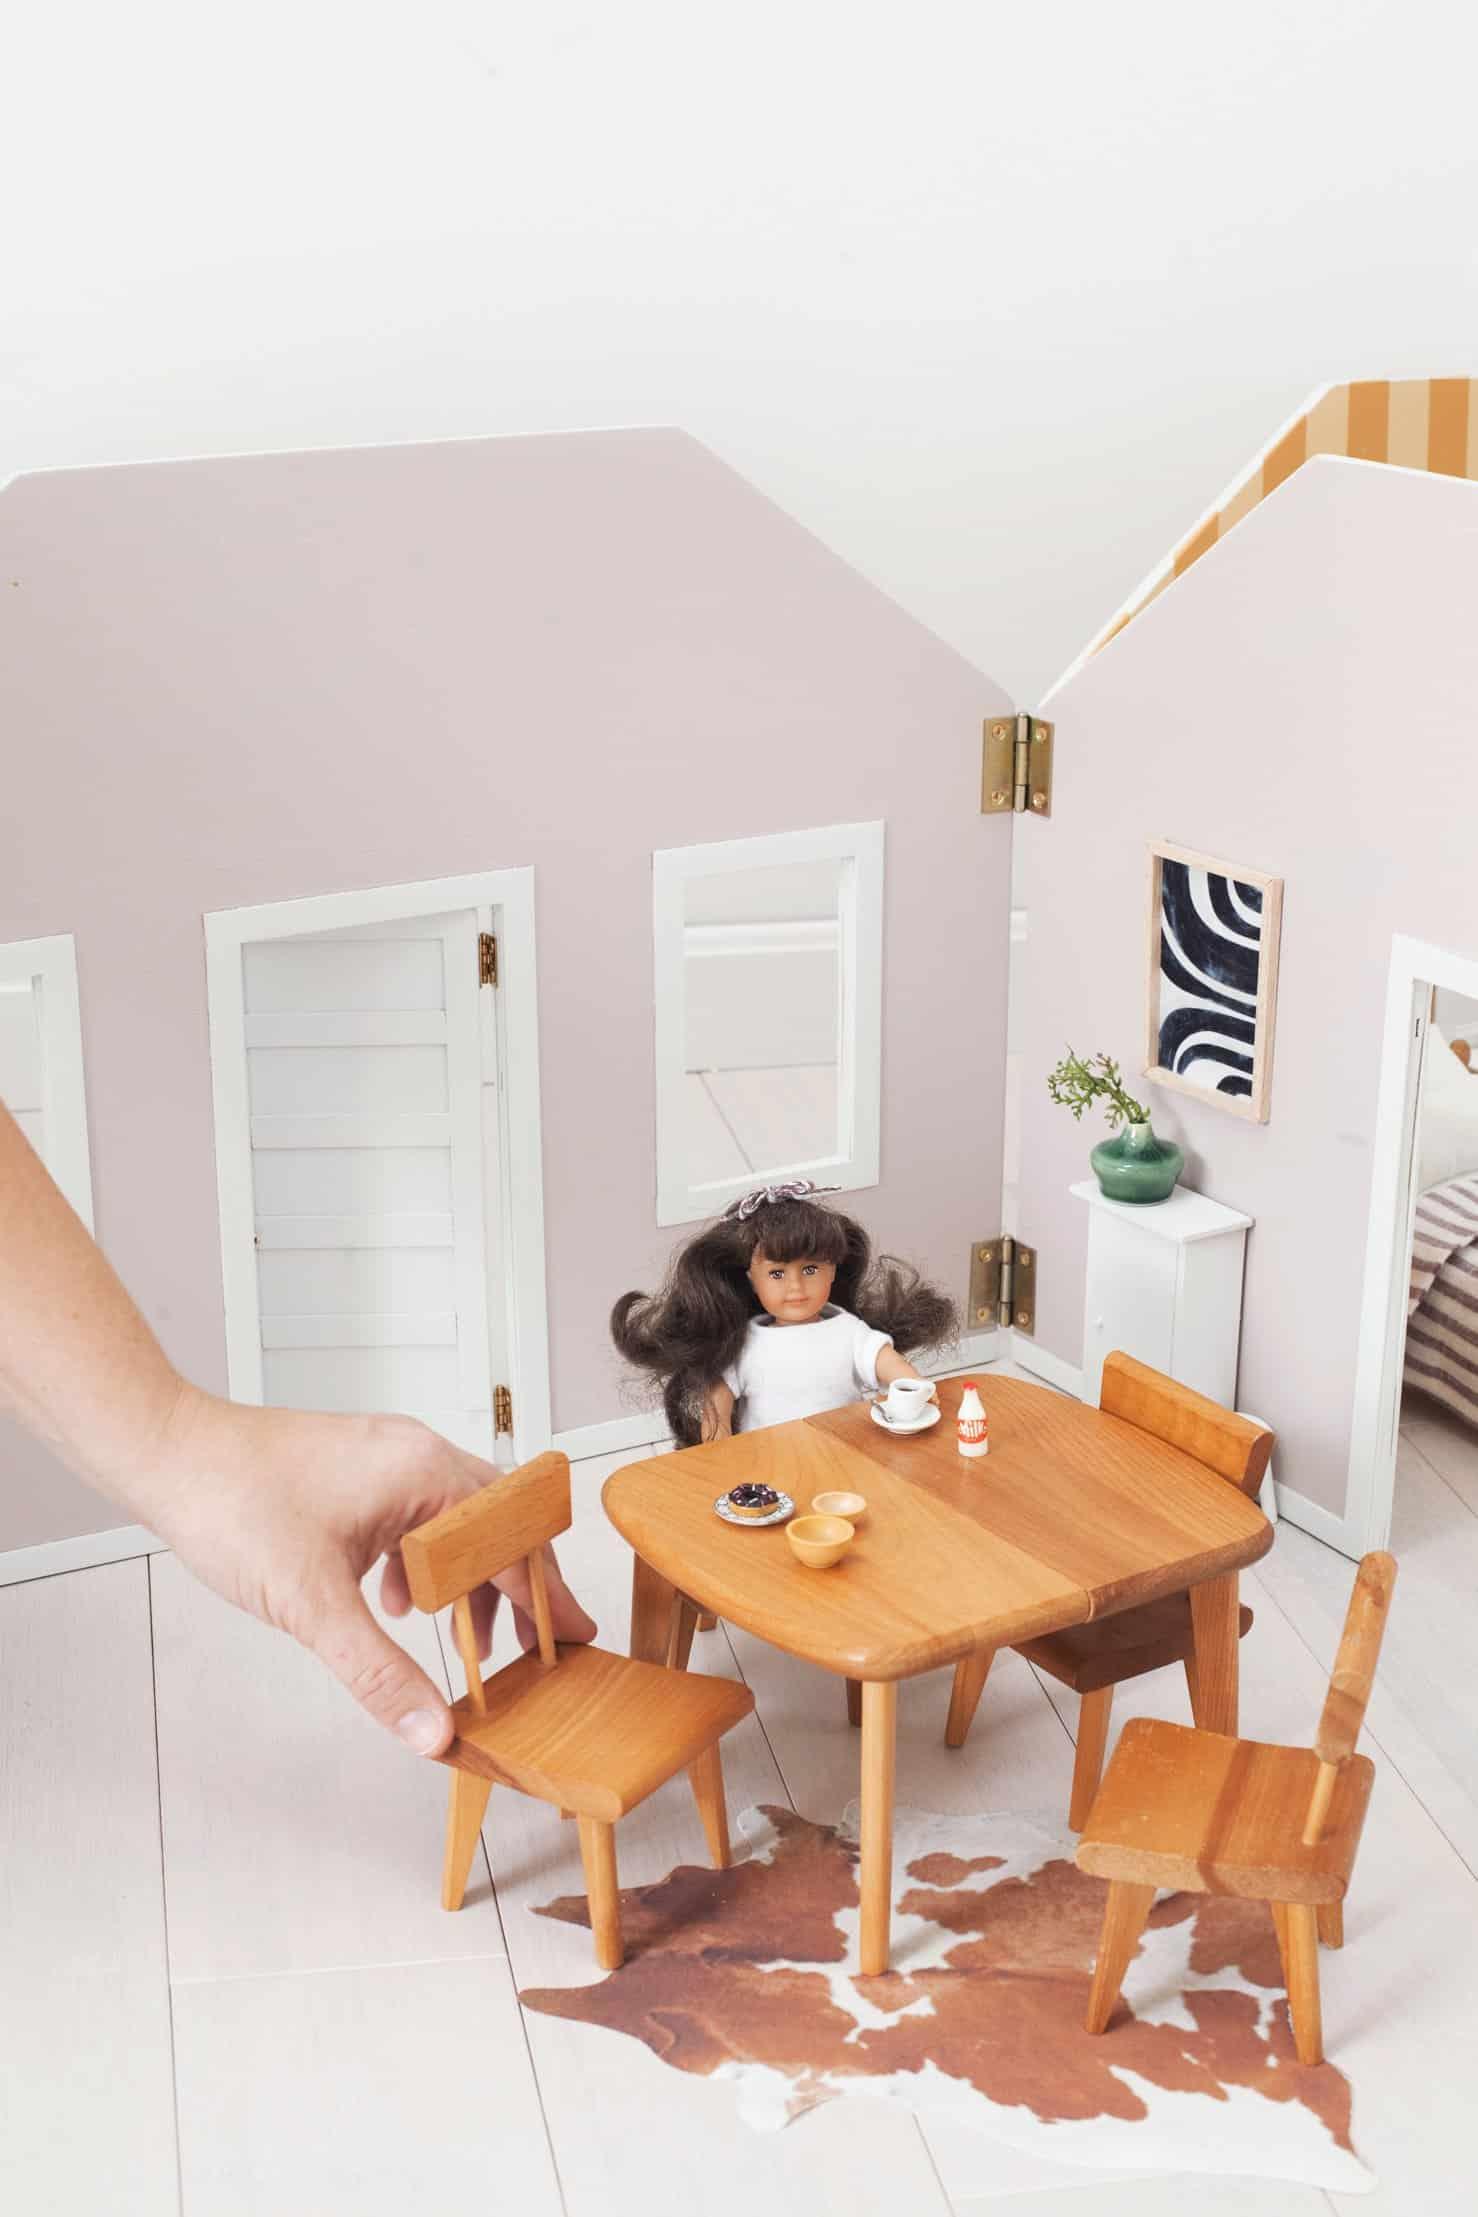 Mach ein faltbares Puppenhaus